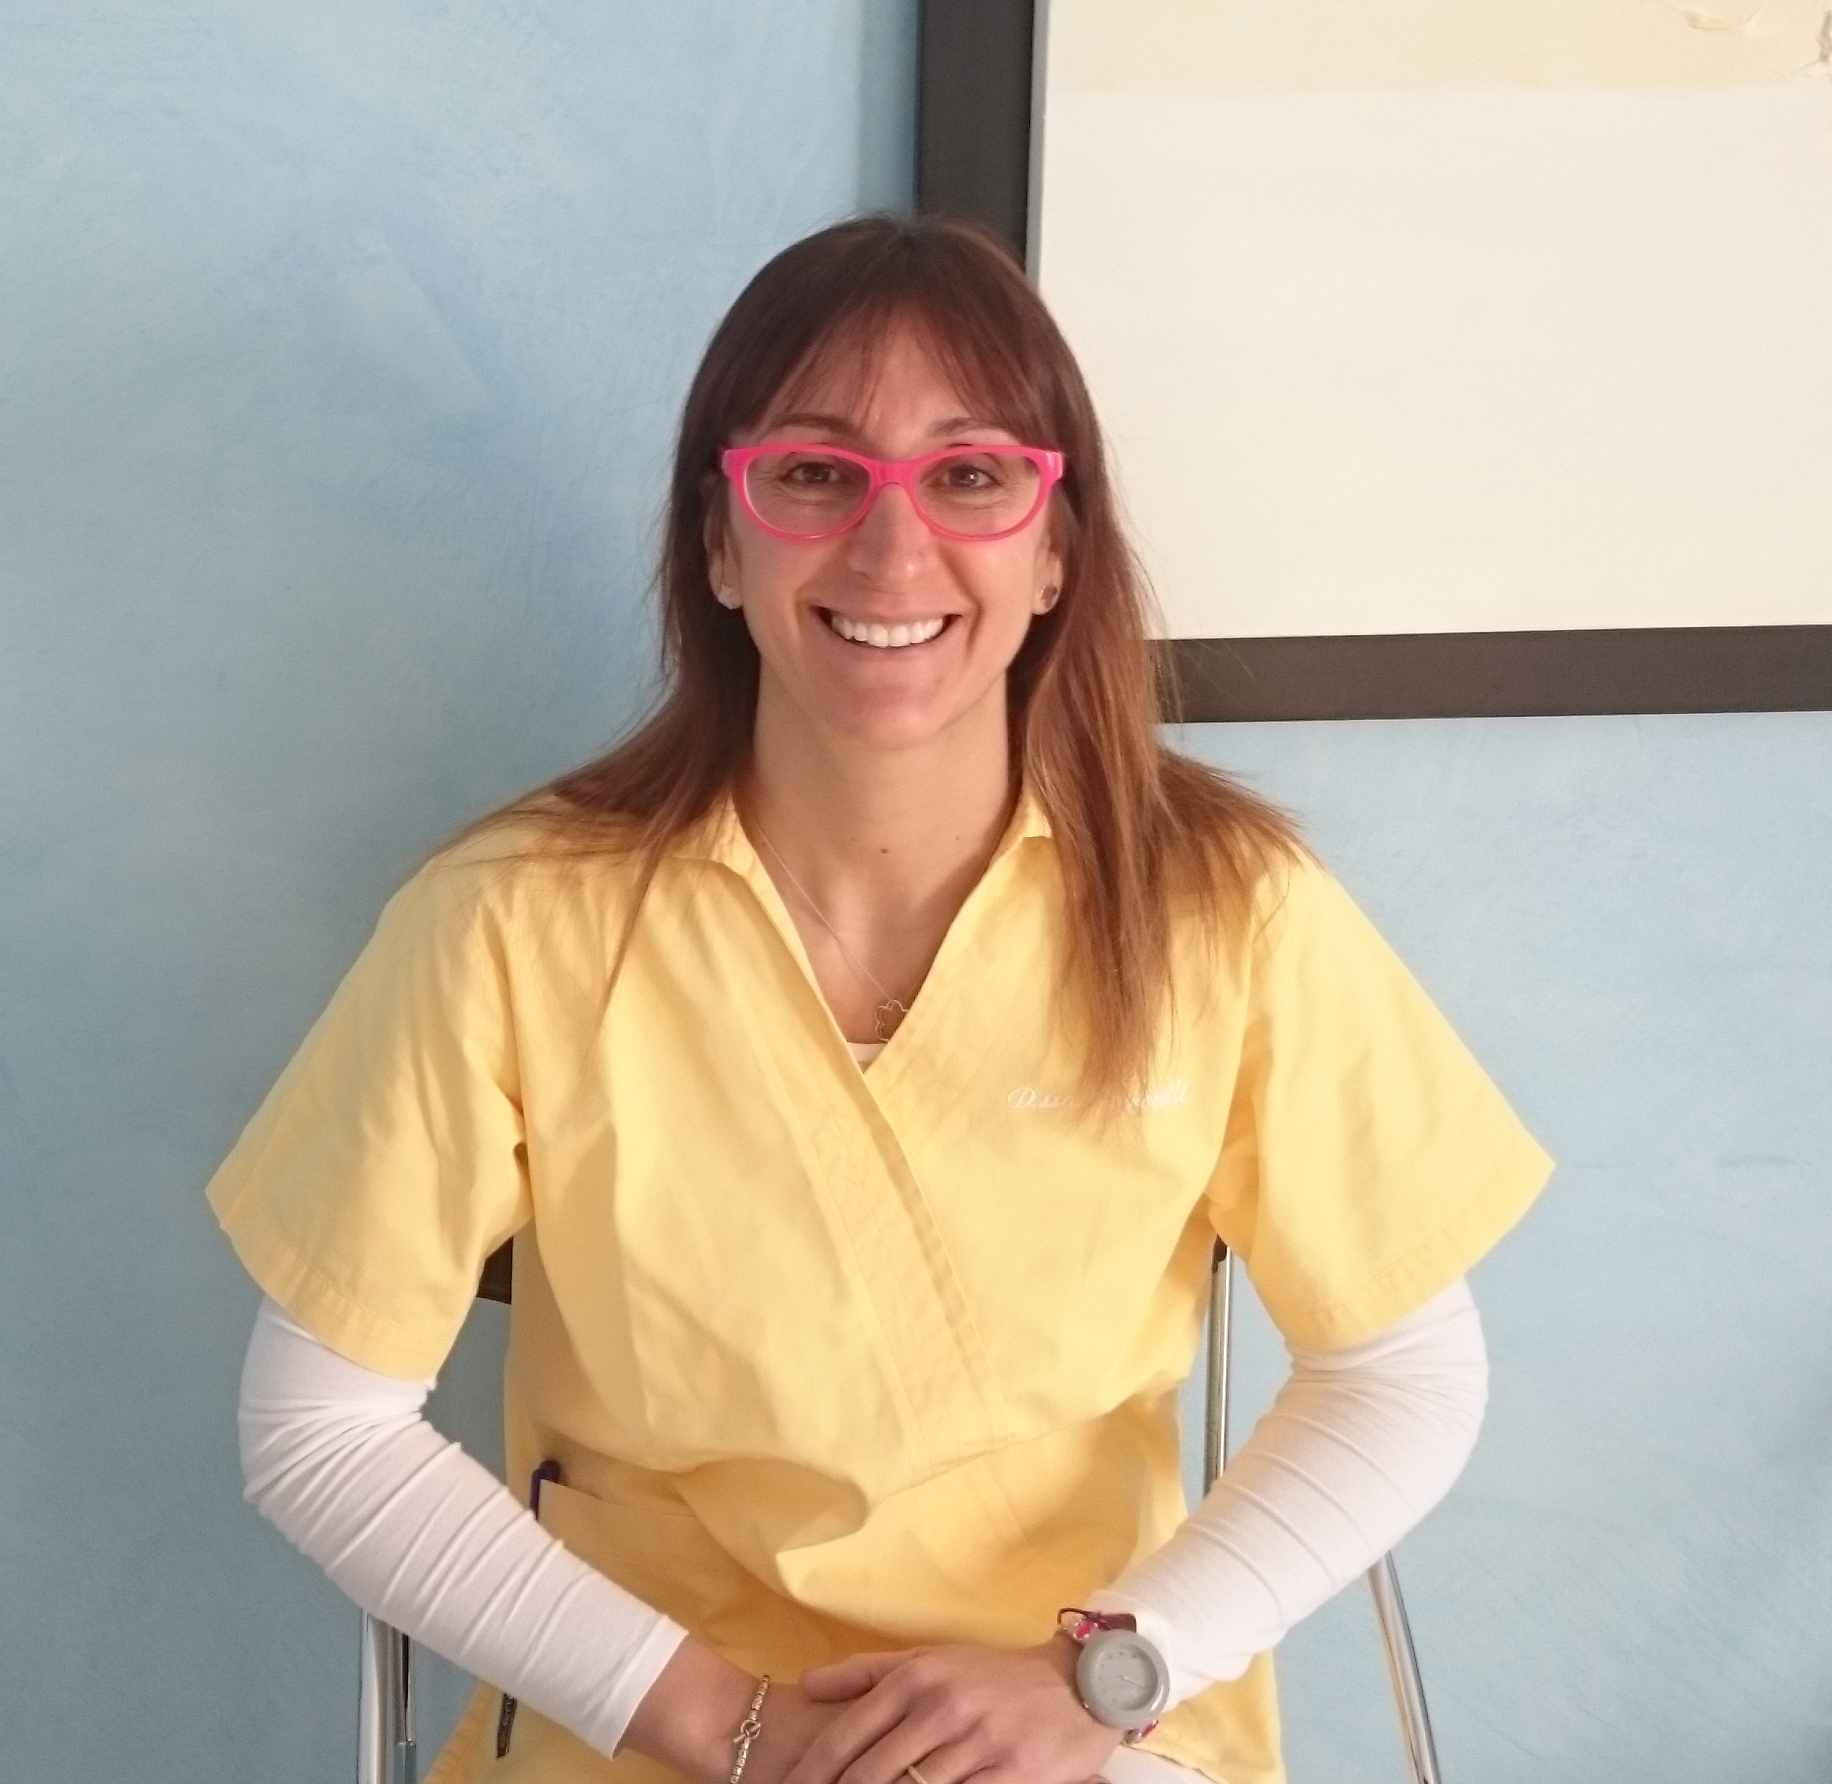 Perobelli Direttore Sanitario Centro Chirurgico